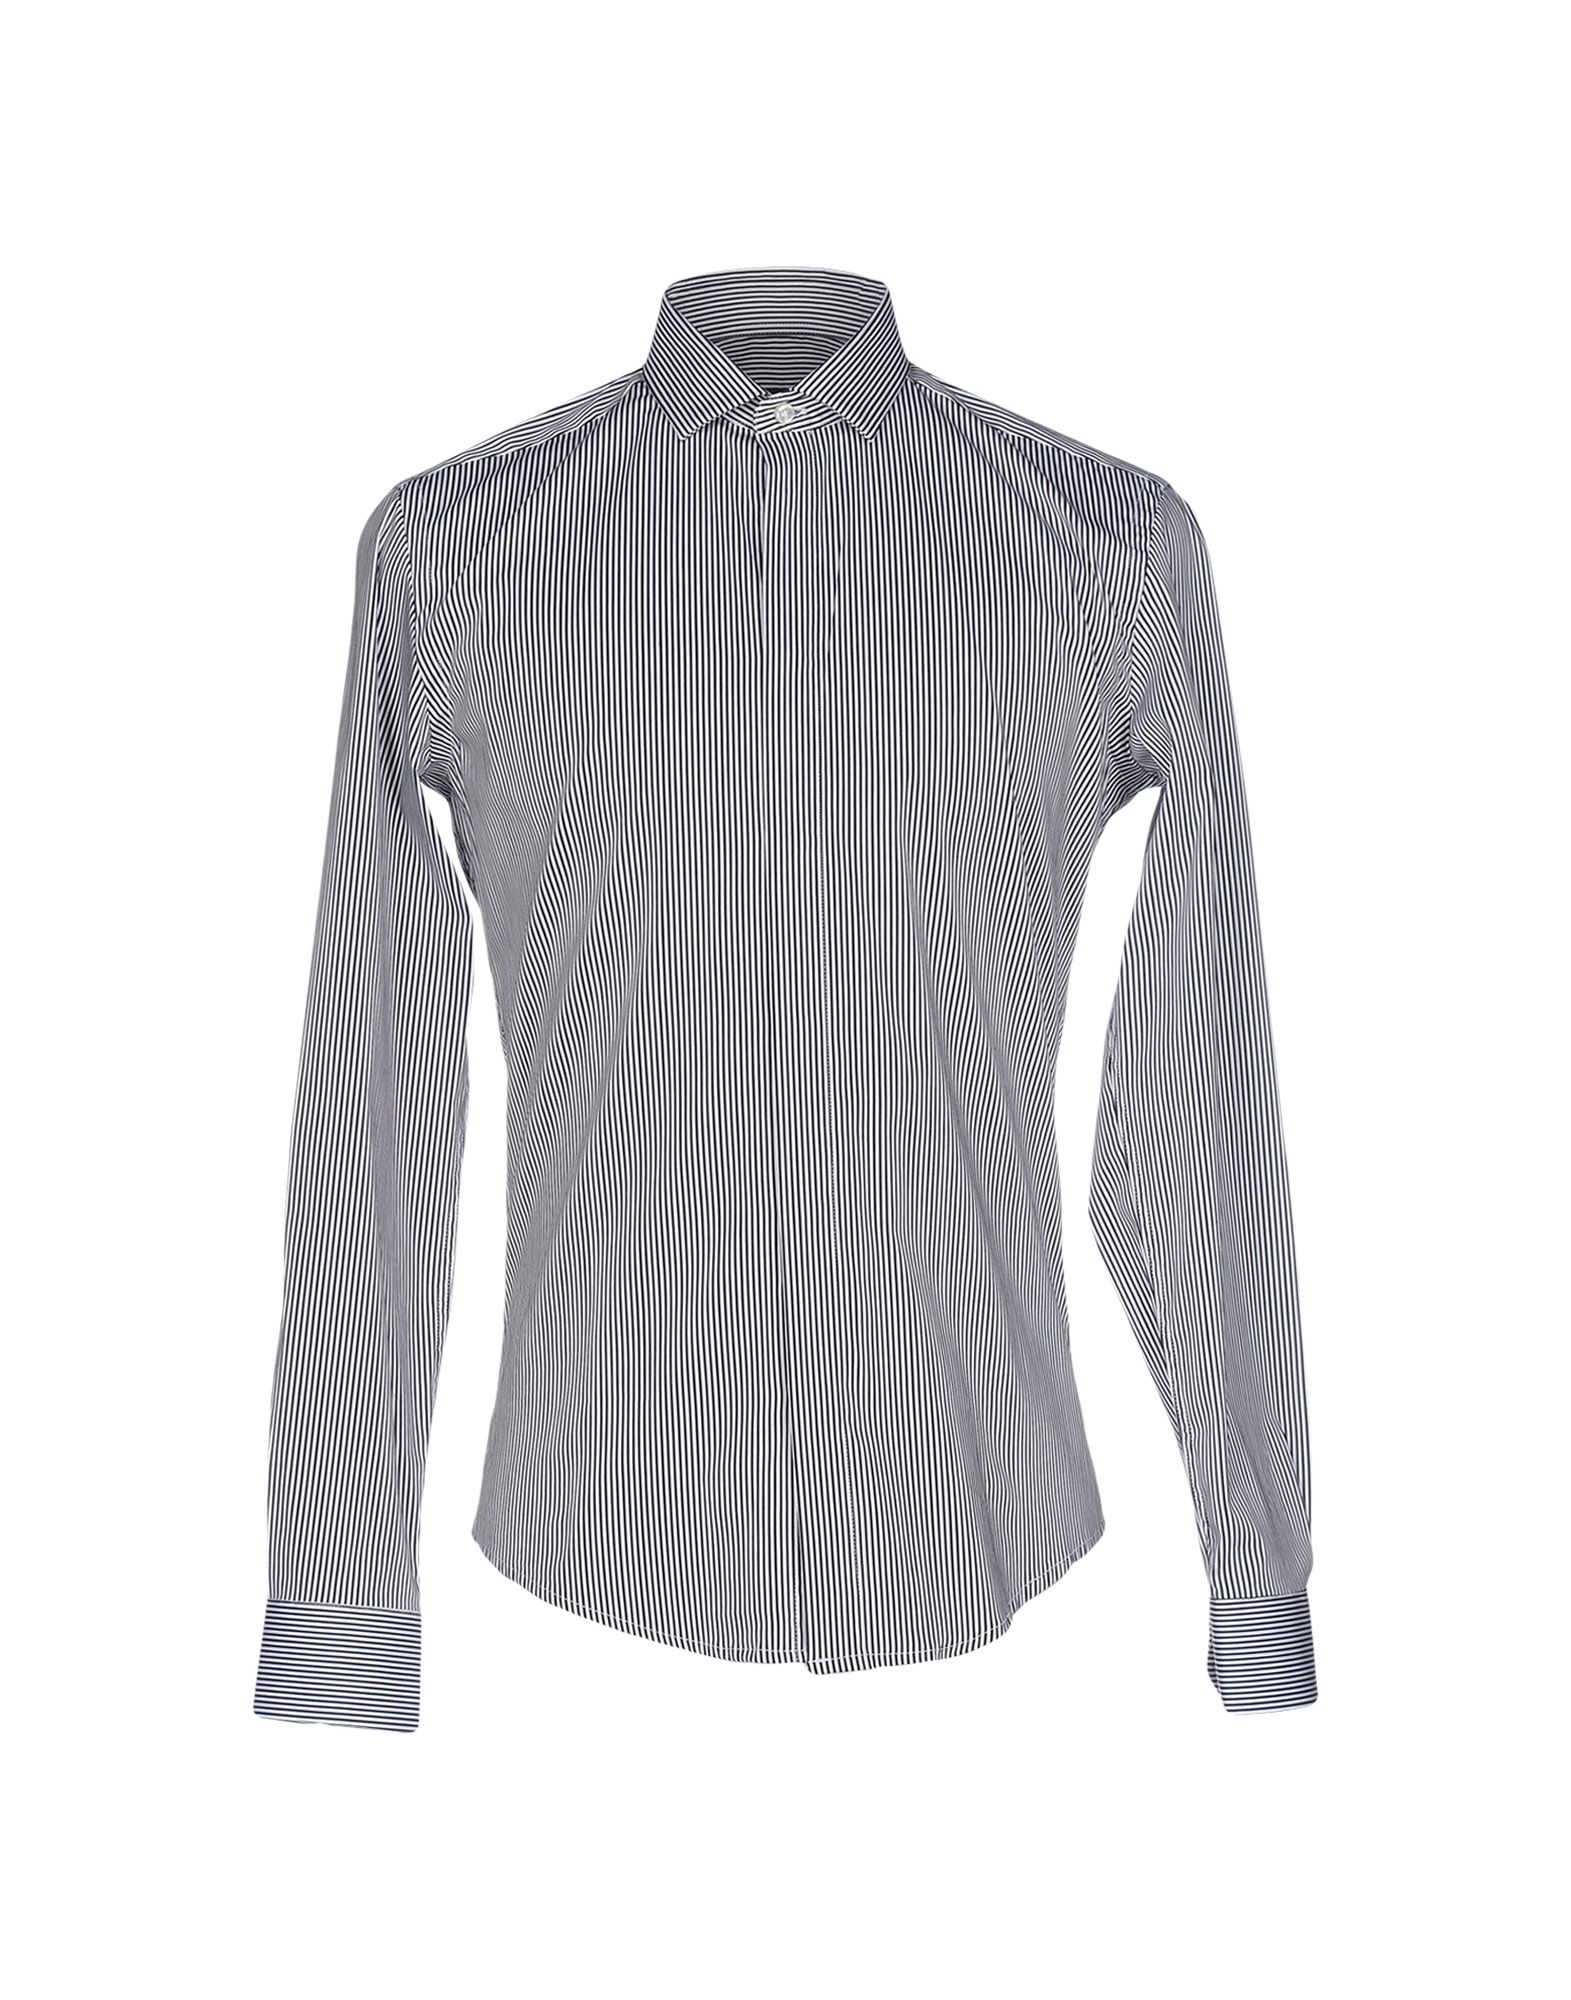 BRIAN DALES Herren Hemd Farbe Schwarz Größe 7 jetztbilligerkaufen